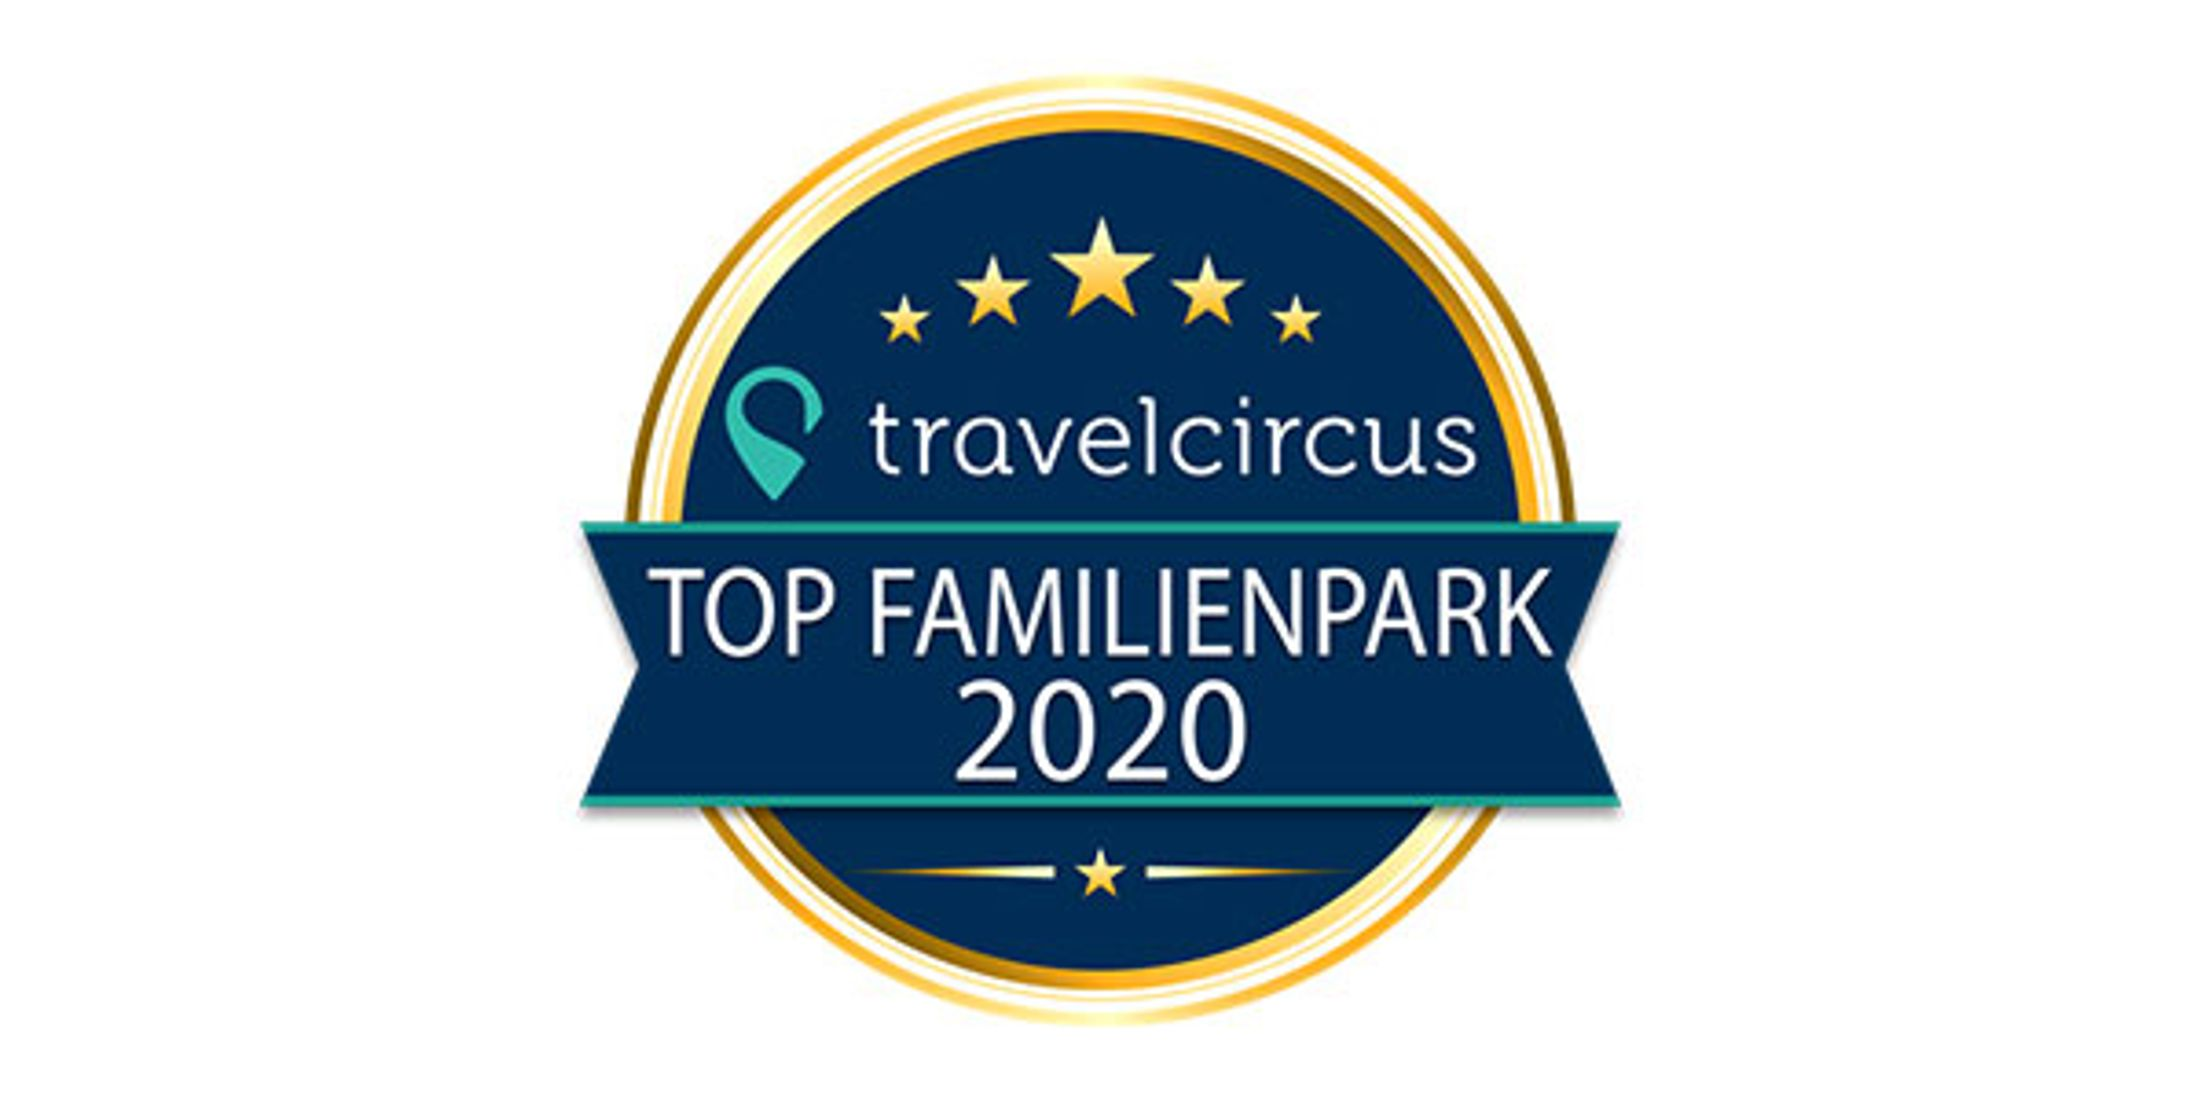 Travelcircus Familienpark 2020